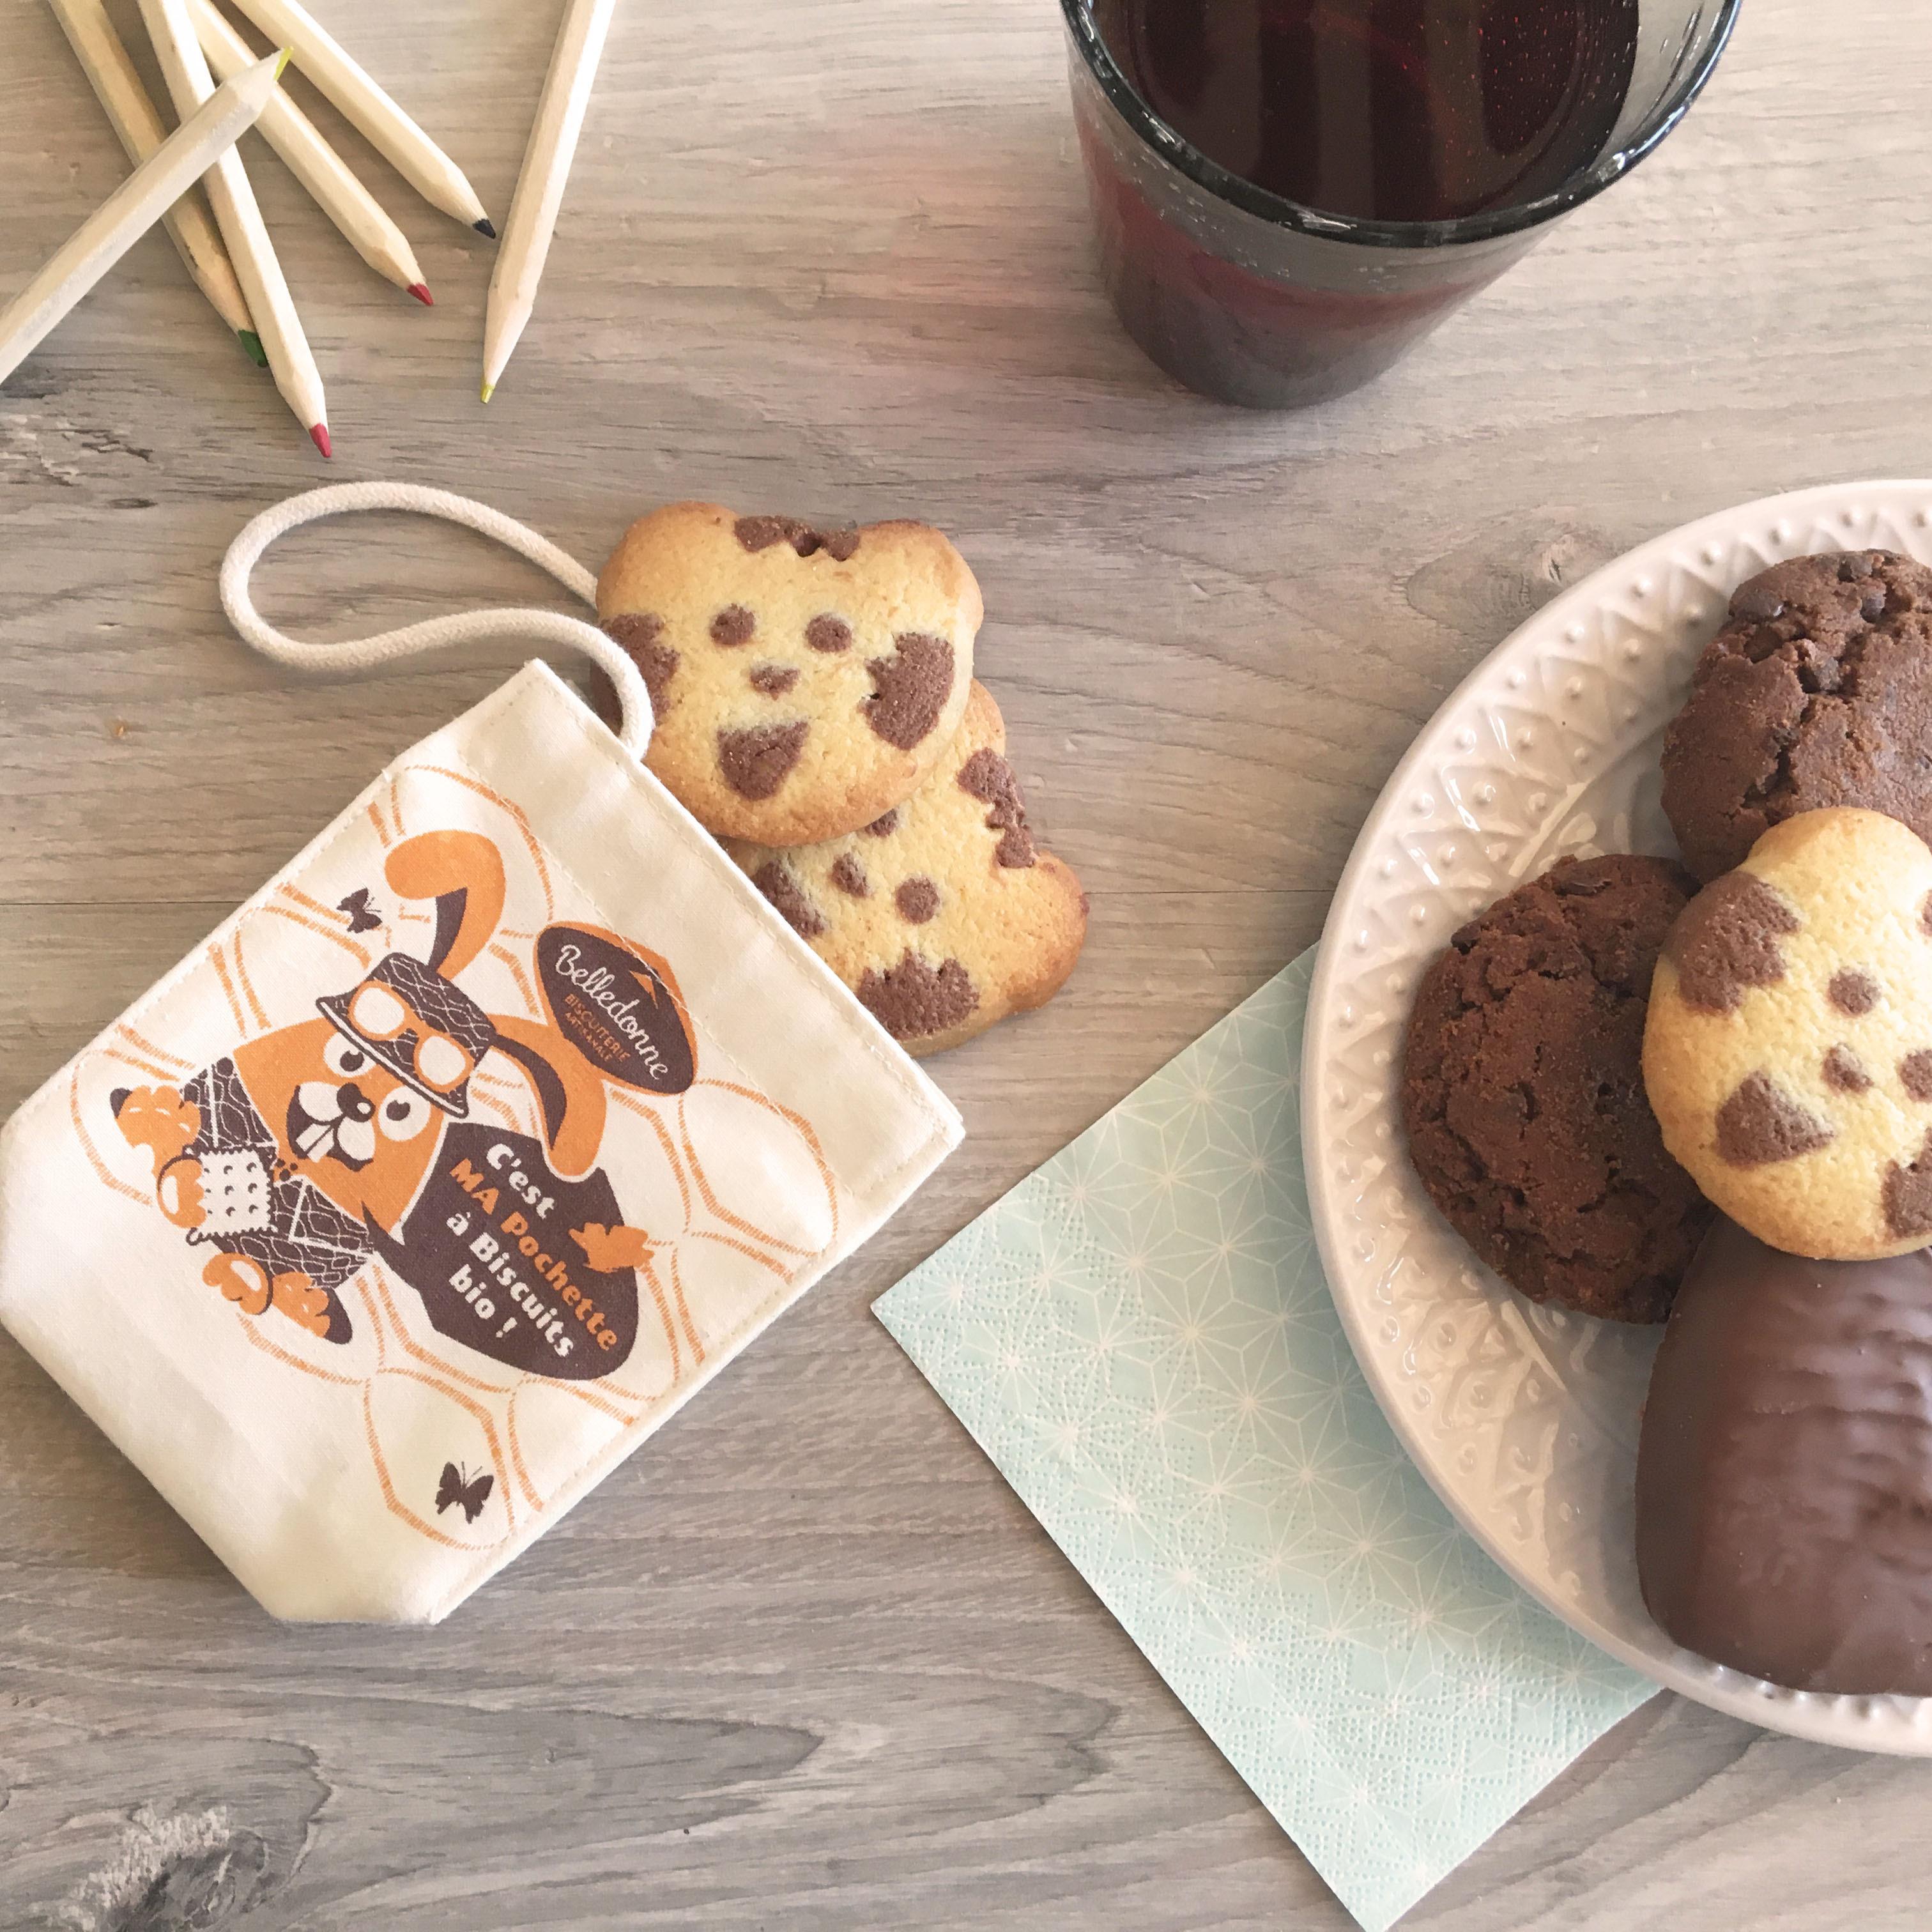 Pochette Biscuits Vrac